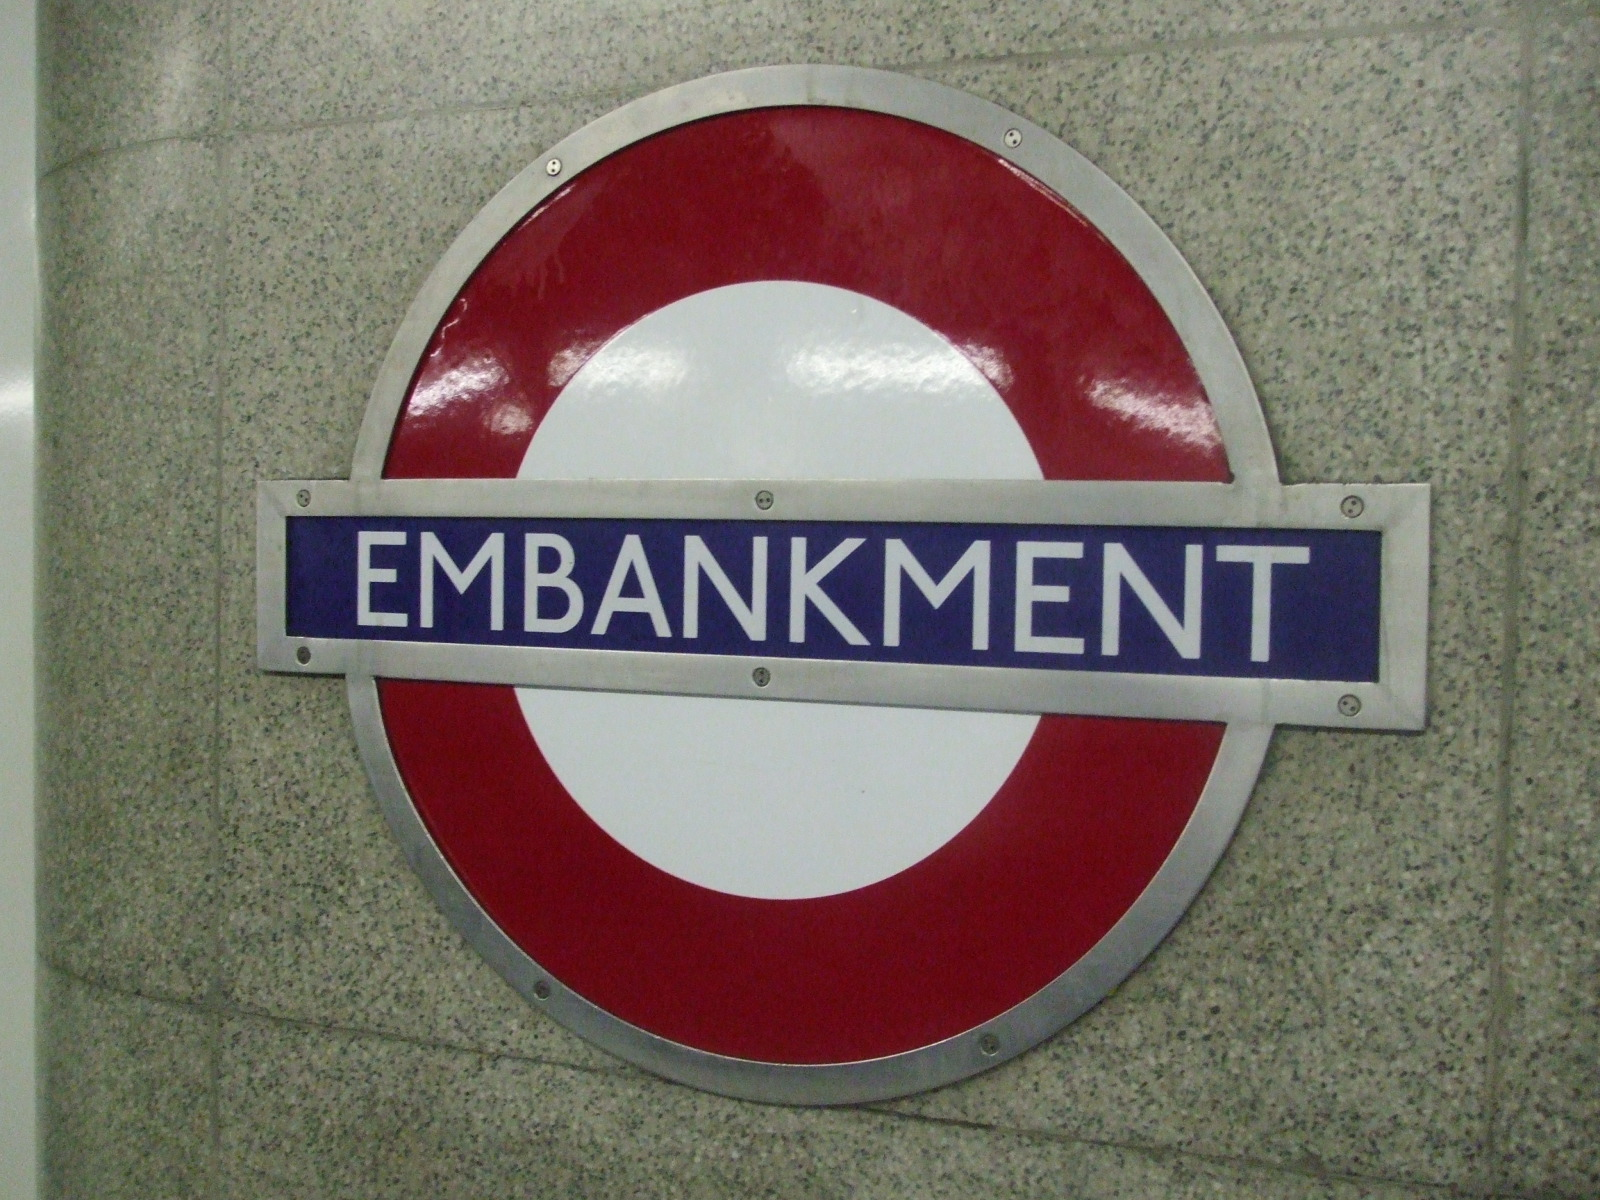 Embankment Tube Station London